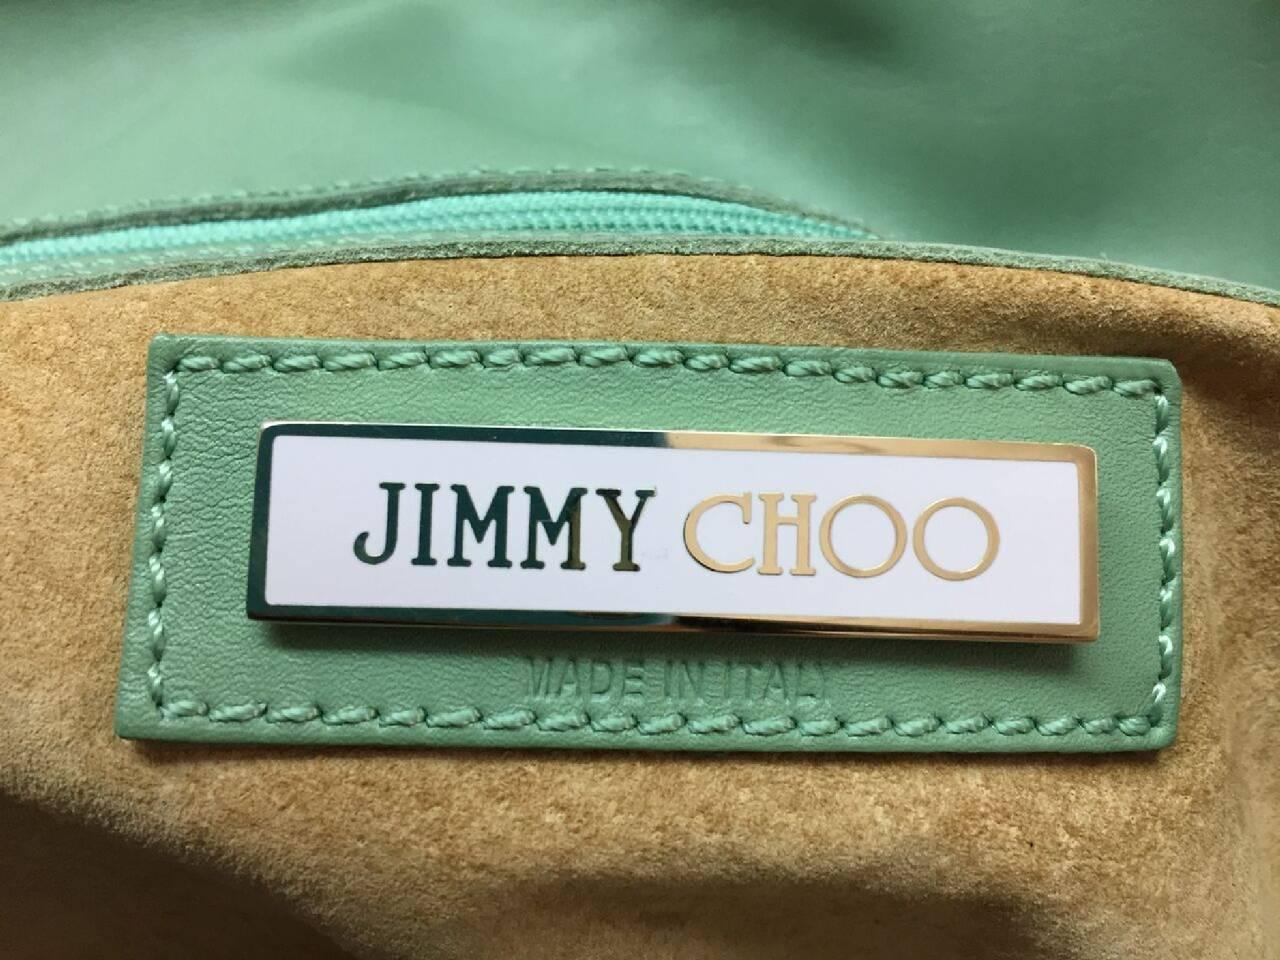 Jimmy Choo Tulita Shoulder Bag Leather For Sale 4